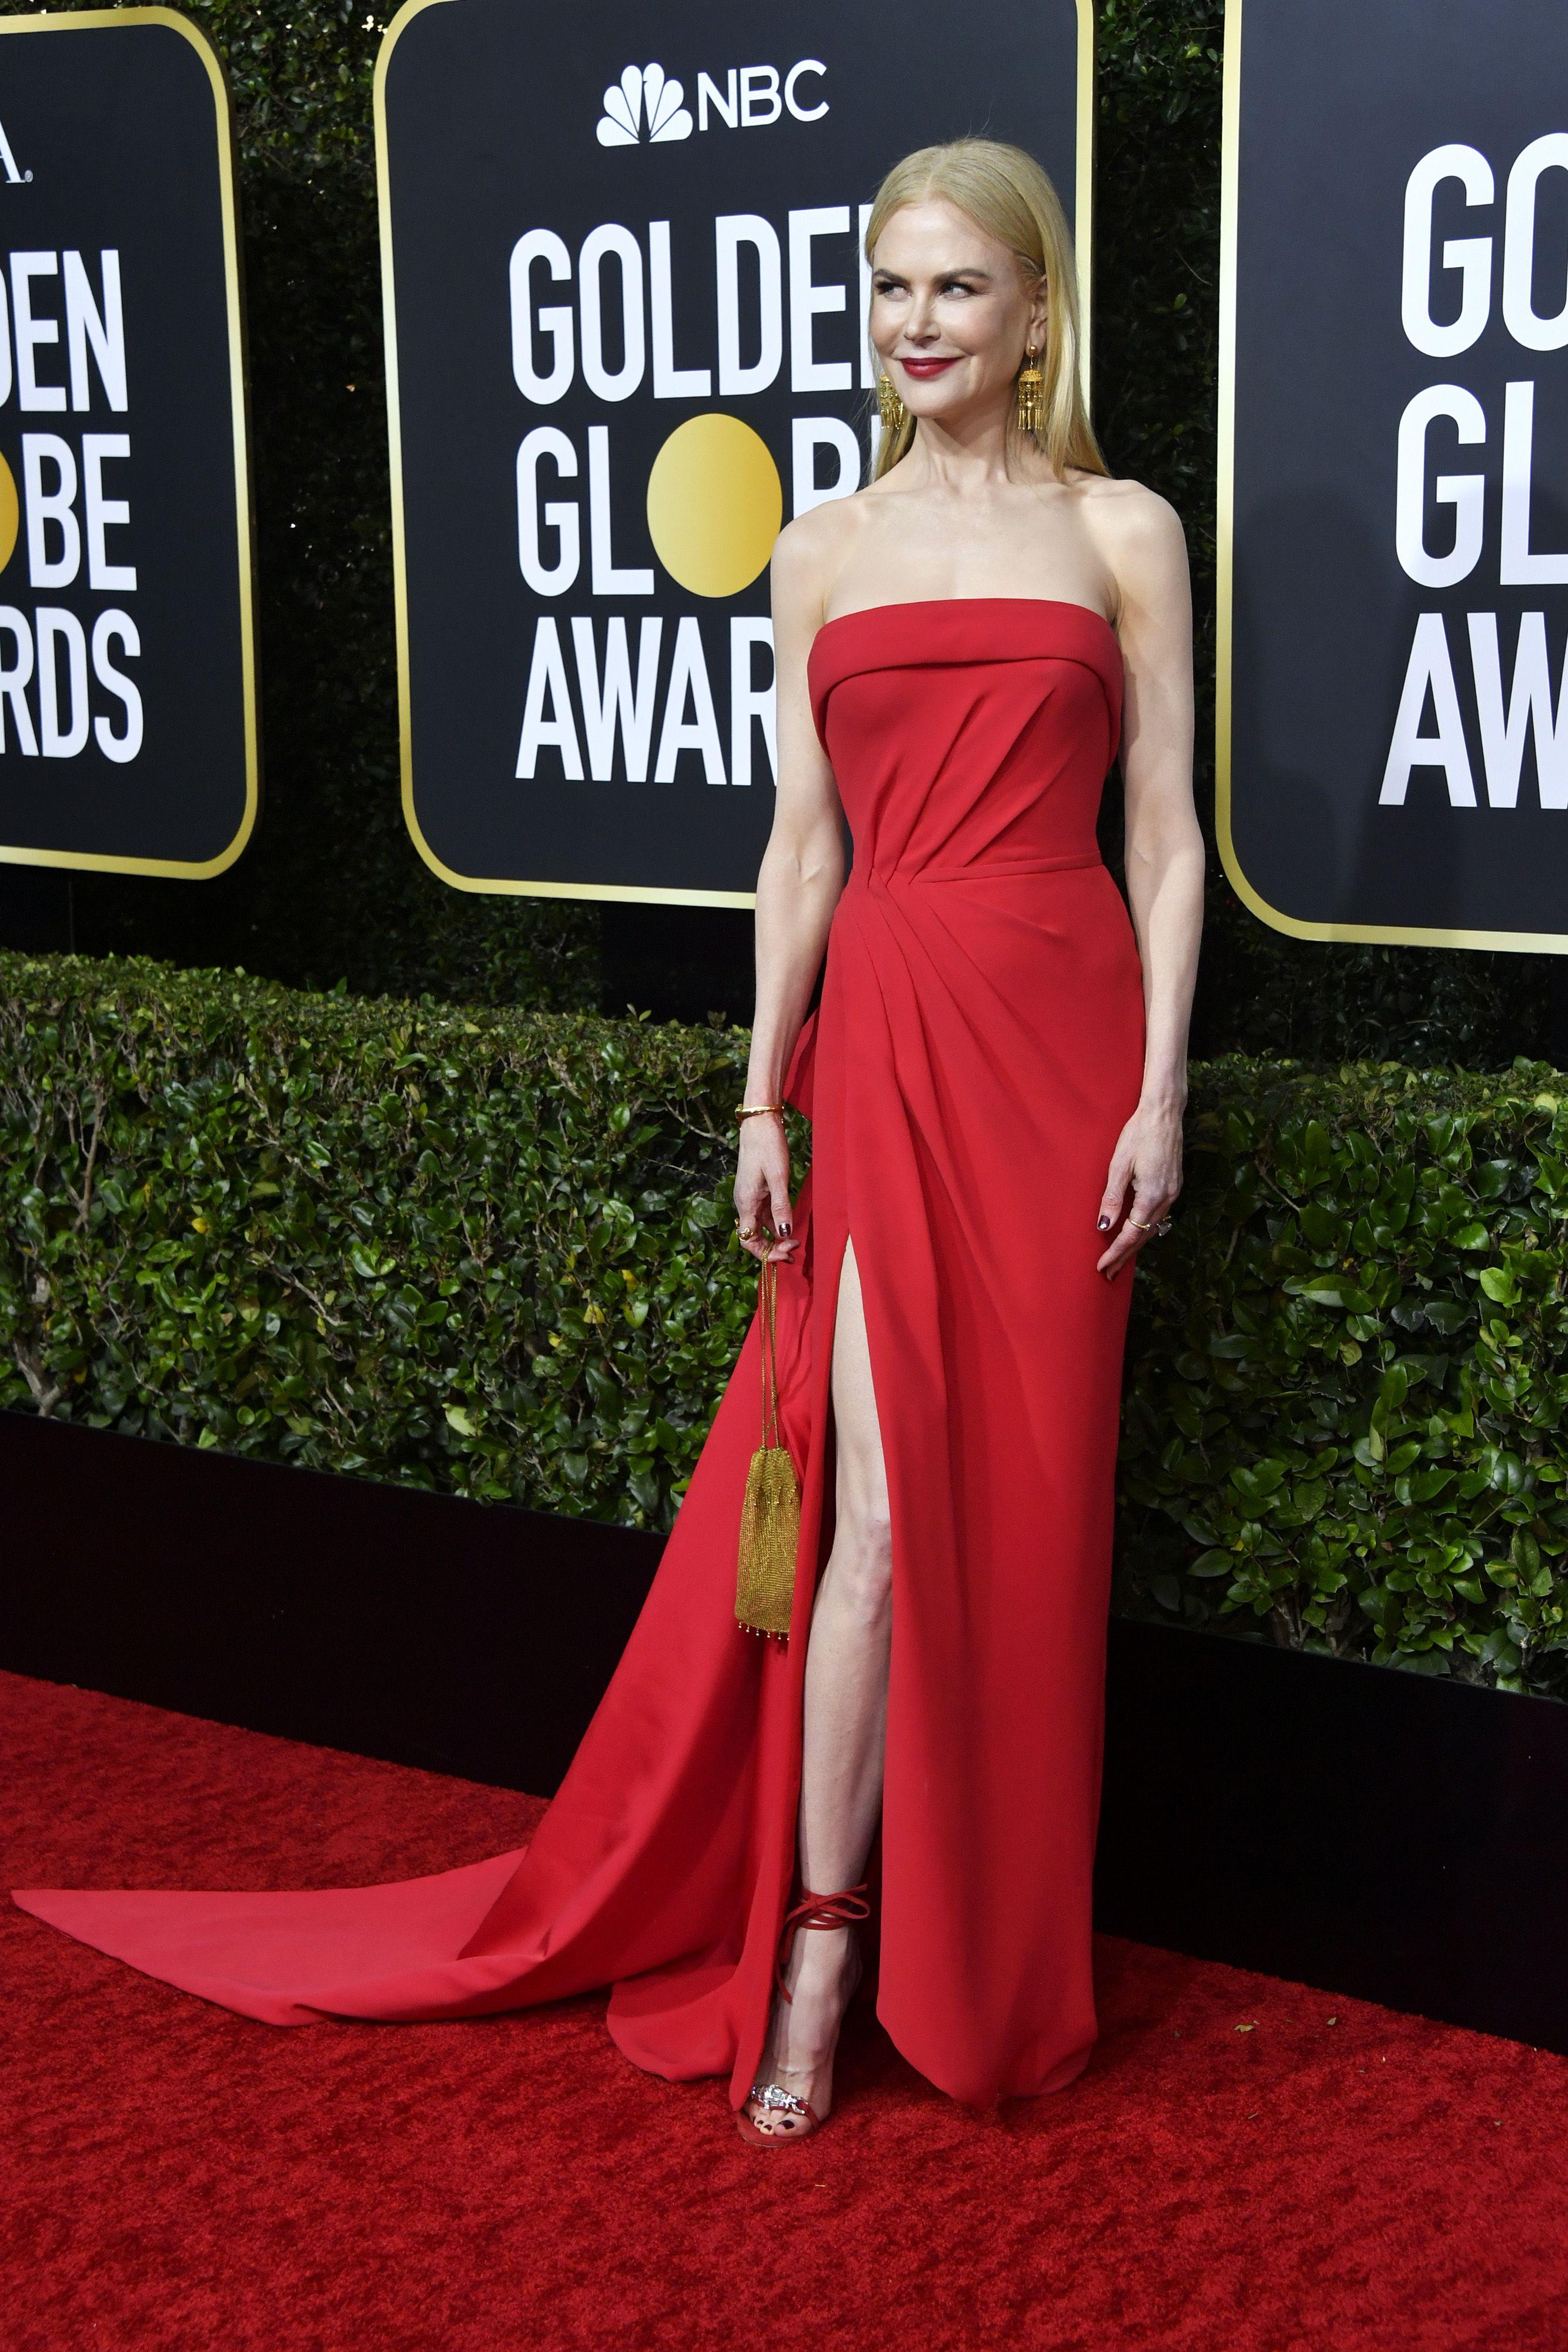 Golden Globe Dresses for Less